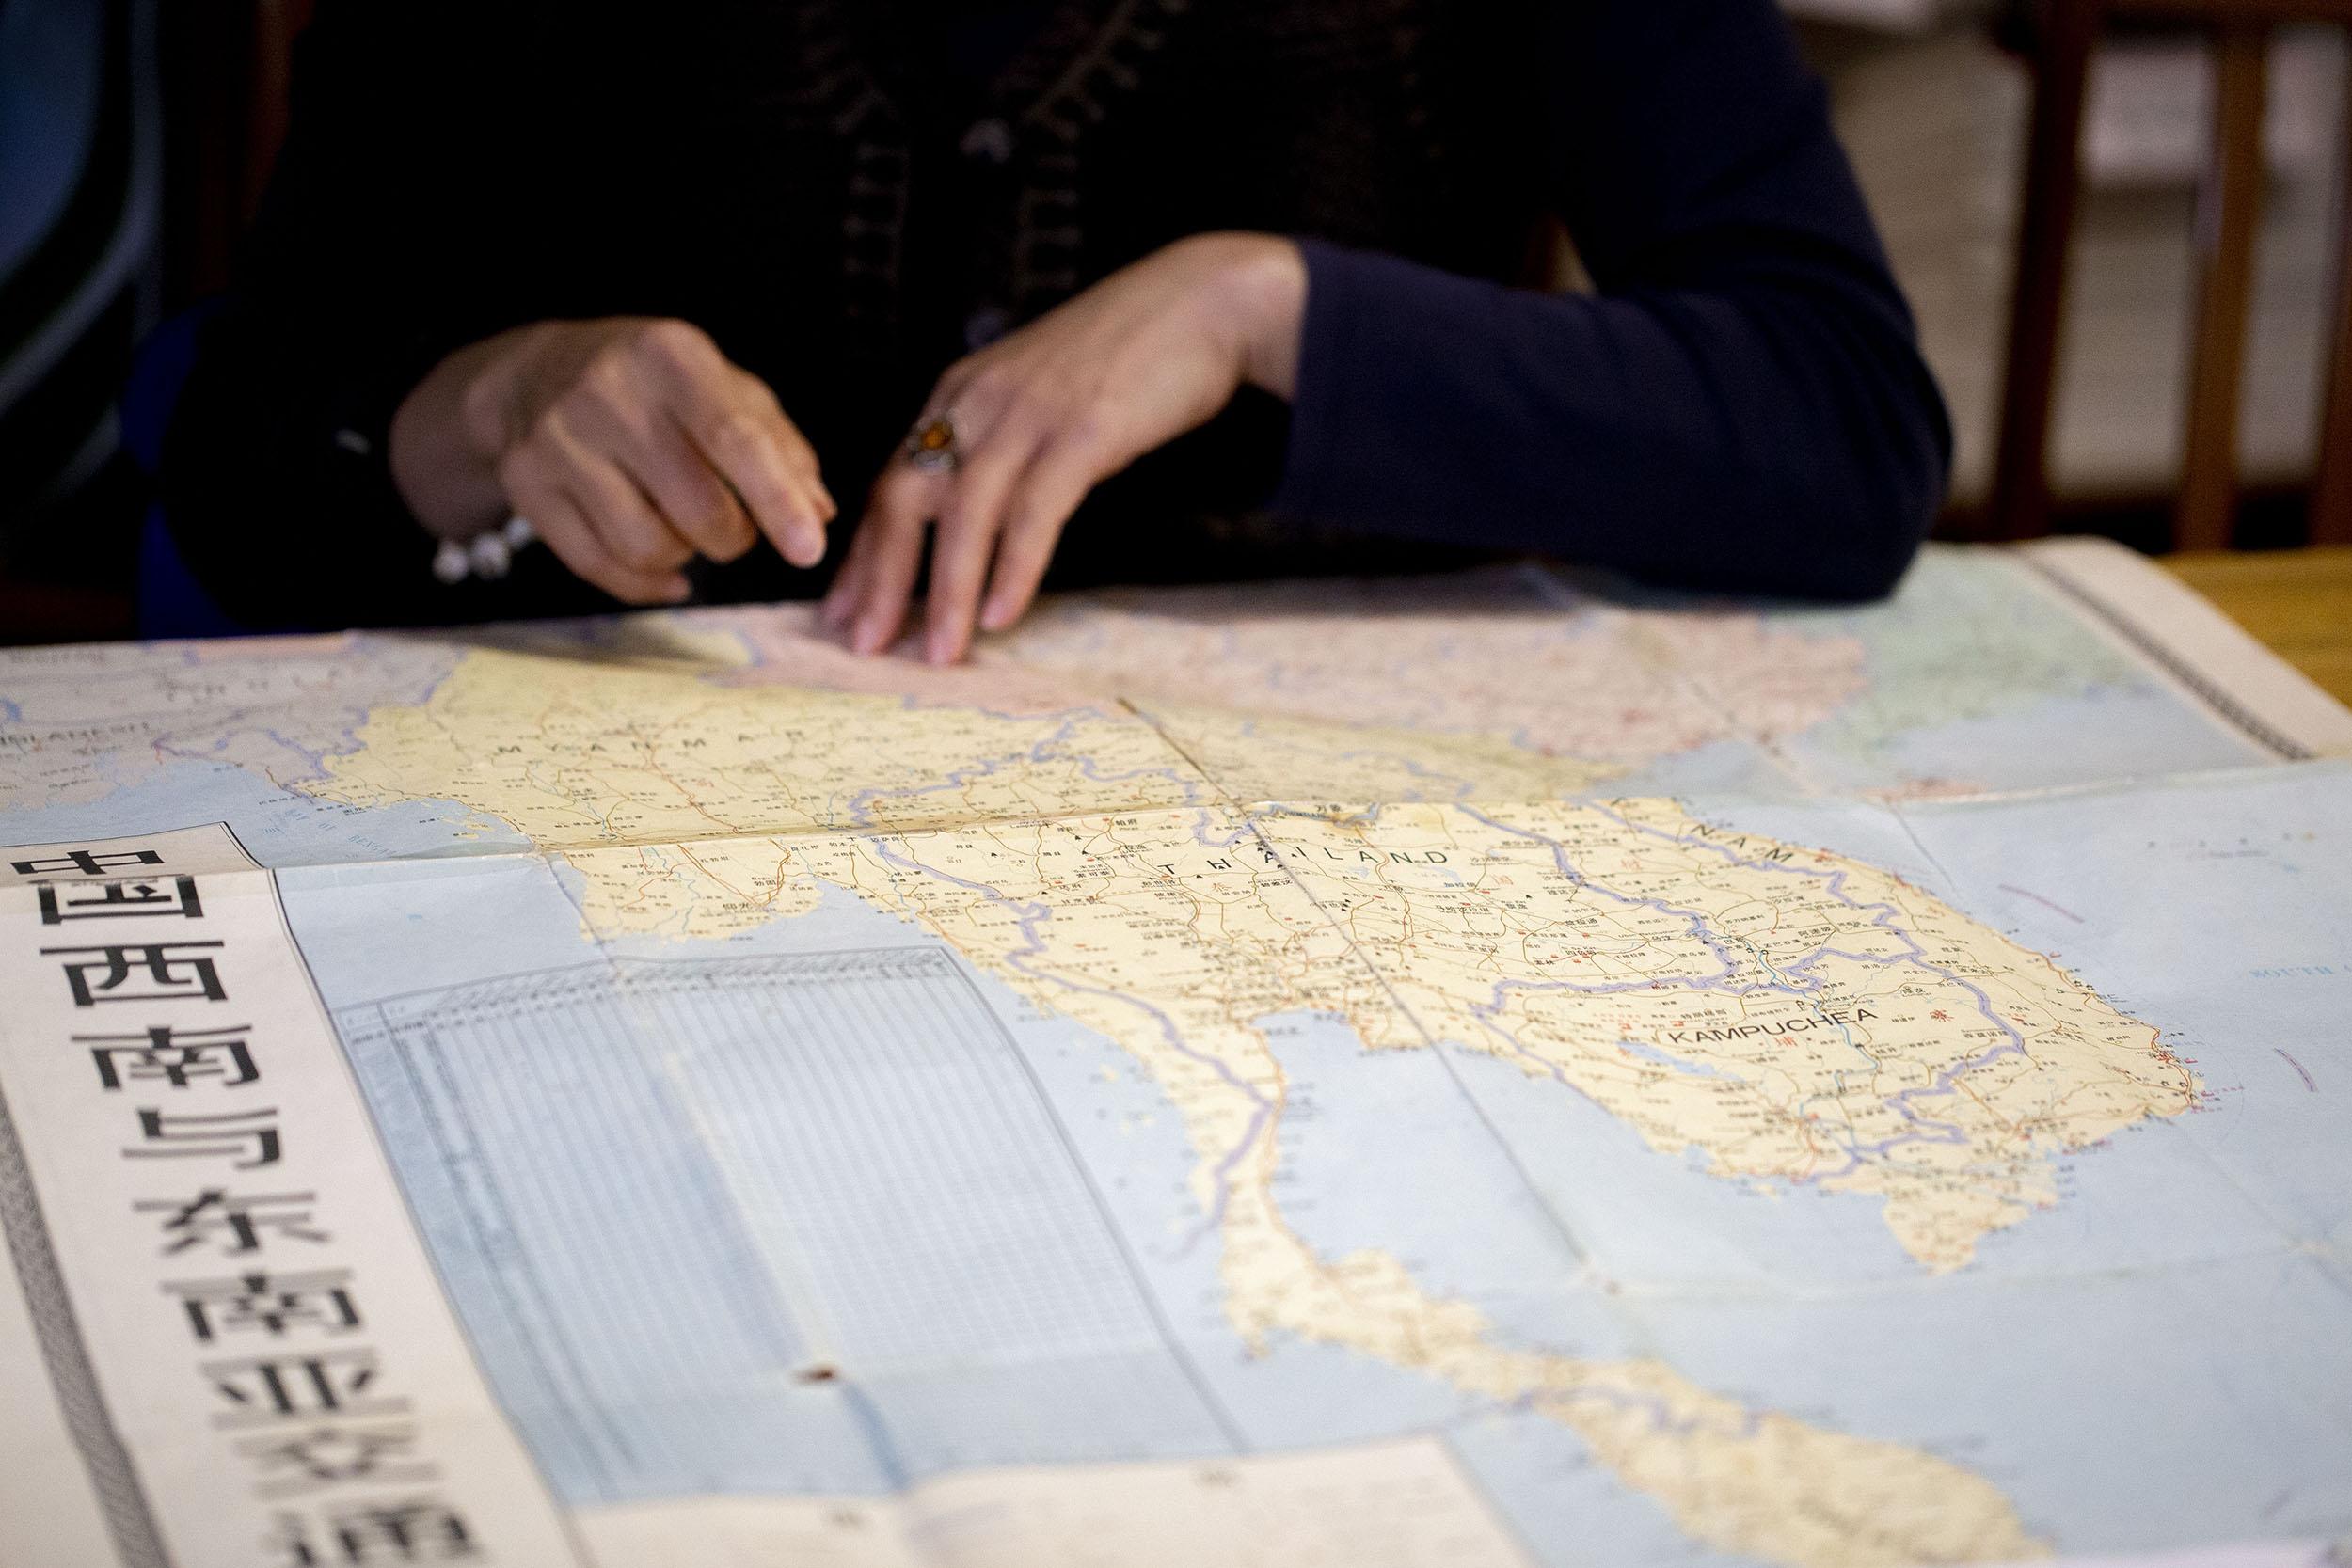 張雯勤指著地圖,說明段大嬸的流離遷徙路線,她解釋:「段大嬸的故事呈現了雲南移民婦女過去不被看見的經濟能動性,尤其是在泰緬邊區長程貿易中的重要角色,這是以往在馬幫經濟文化研究從來沒有被討論的。」圖│研之有物